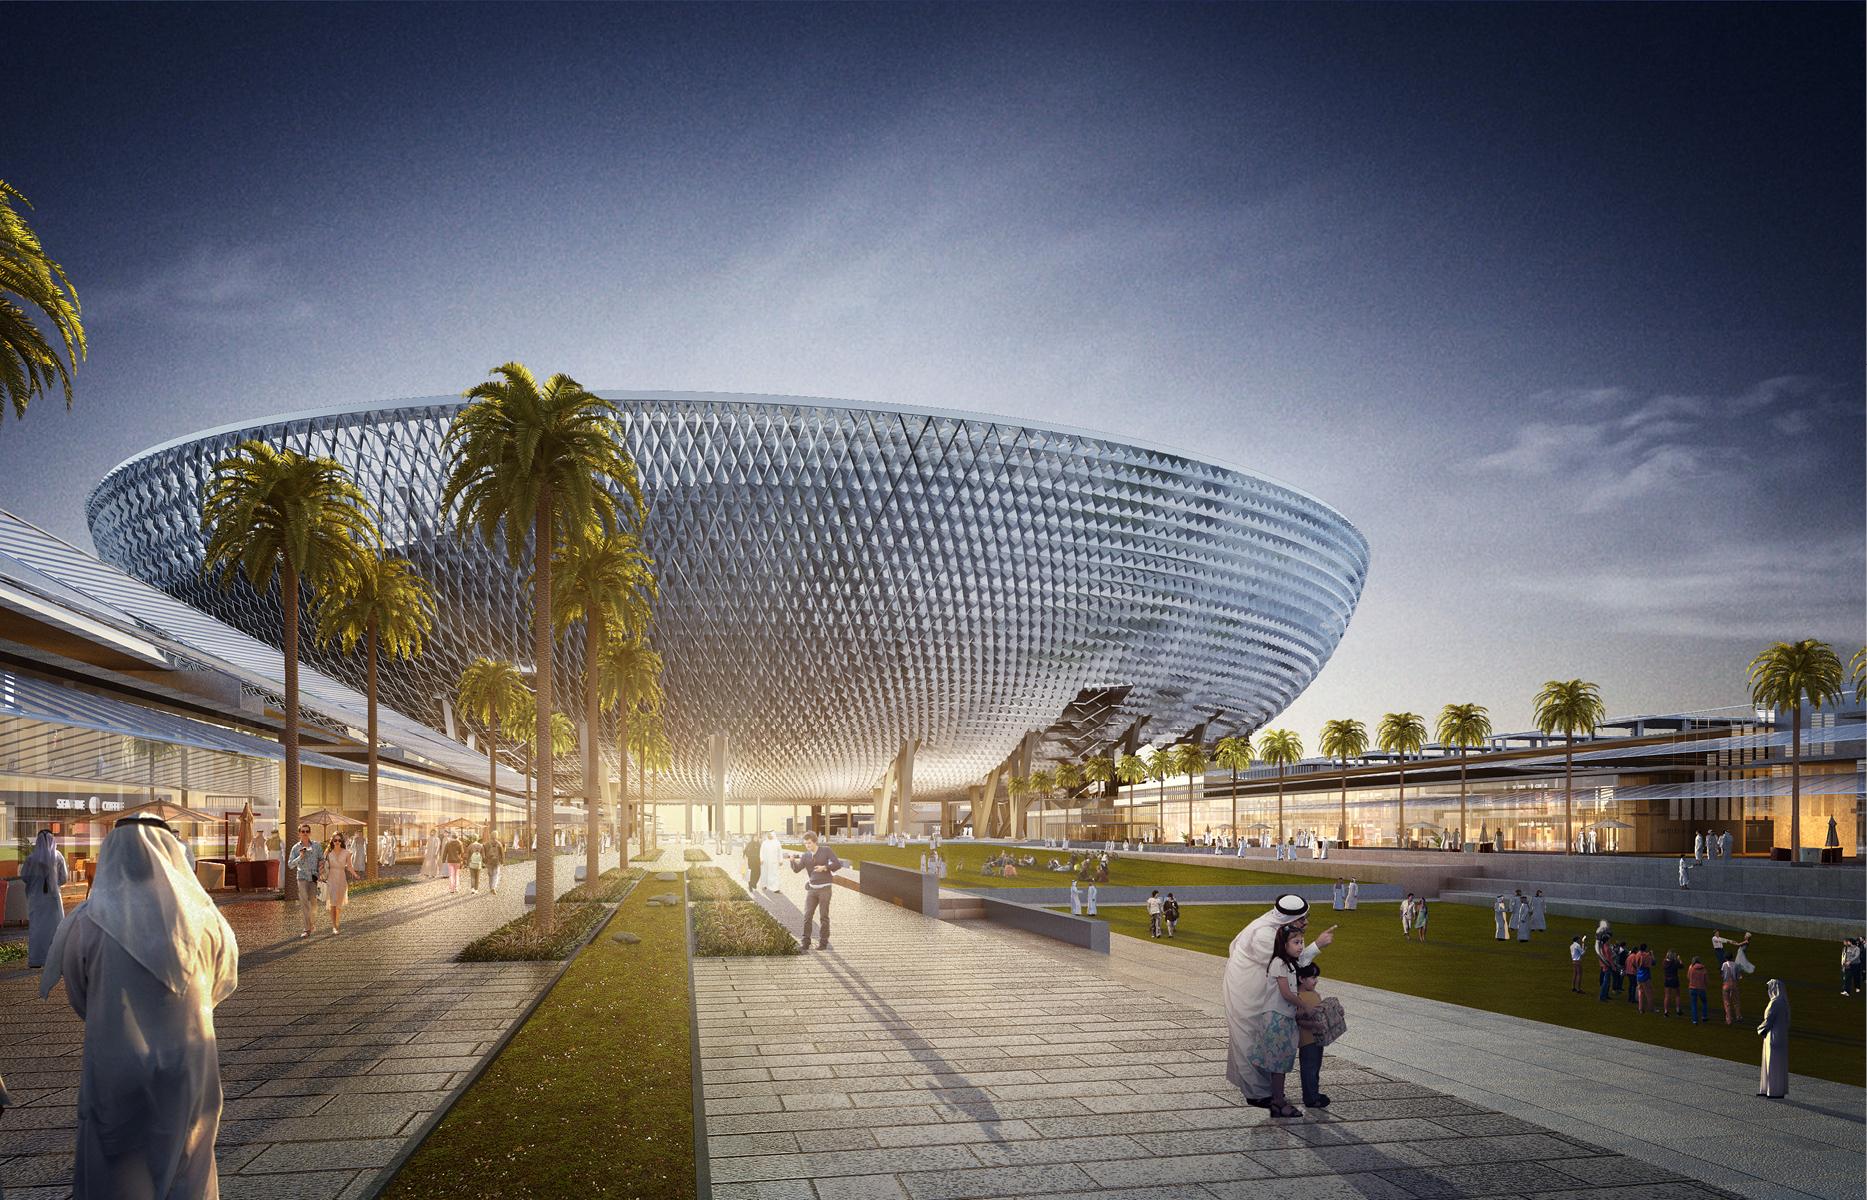 Стадион будет использоваться круглый год. Частью проекта станет собственный ландшафтный дизайн, предусматривающий высадку деревьев и создание тенистых аллей, защищающих от жары: ожидается, что масштабное озеленение создаст собственный микроклимат в спортивном кластере